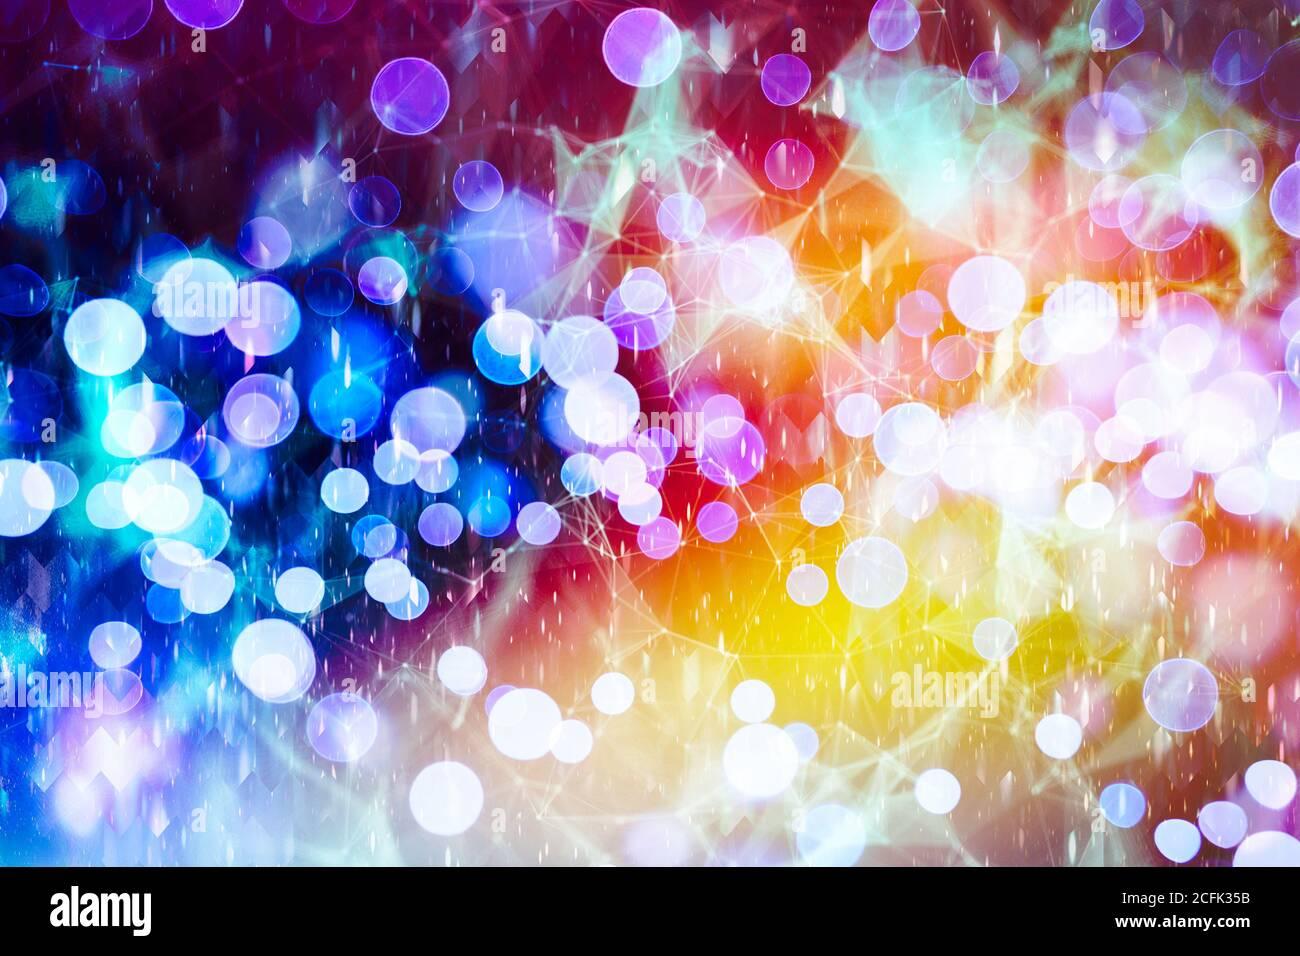 Color de luz borrosa abstracta diseño de fondo se pueden utilizar para el concepto de fondo o fondo del festival. Foto de stock